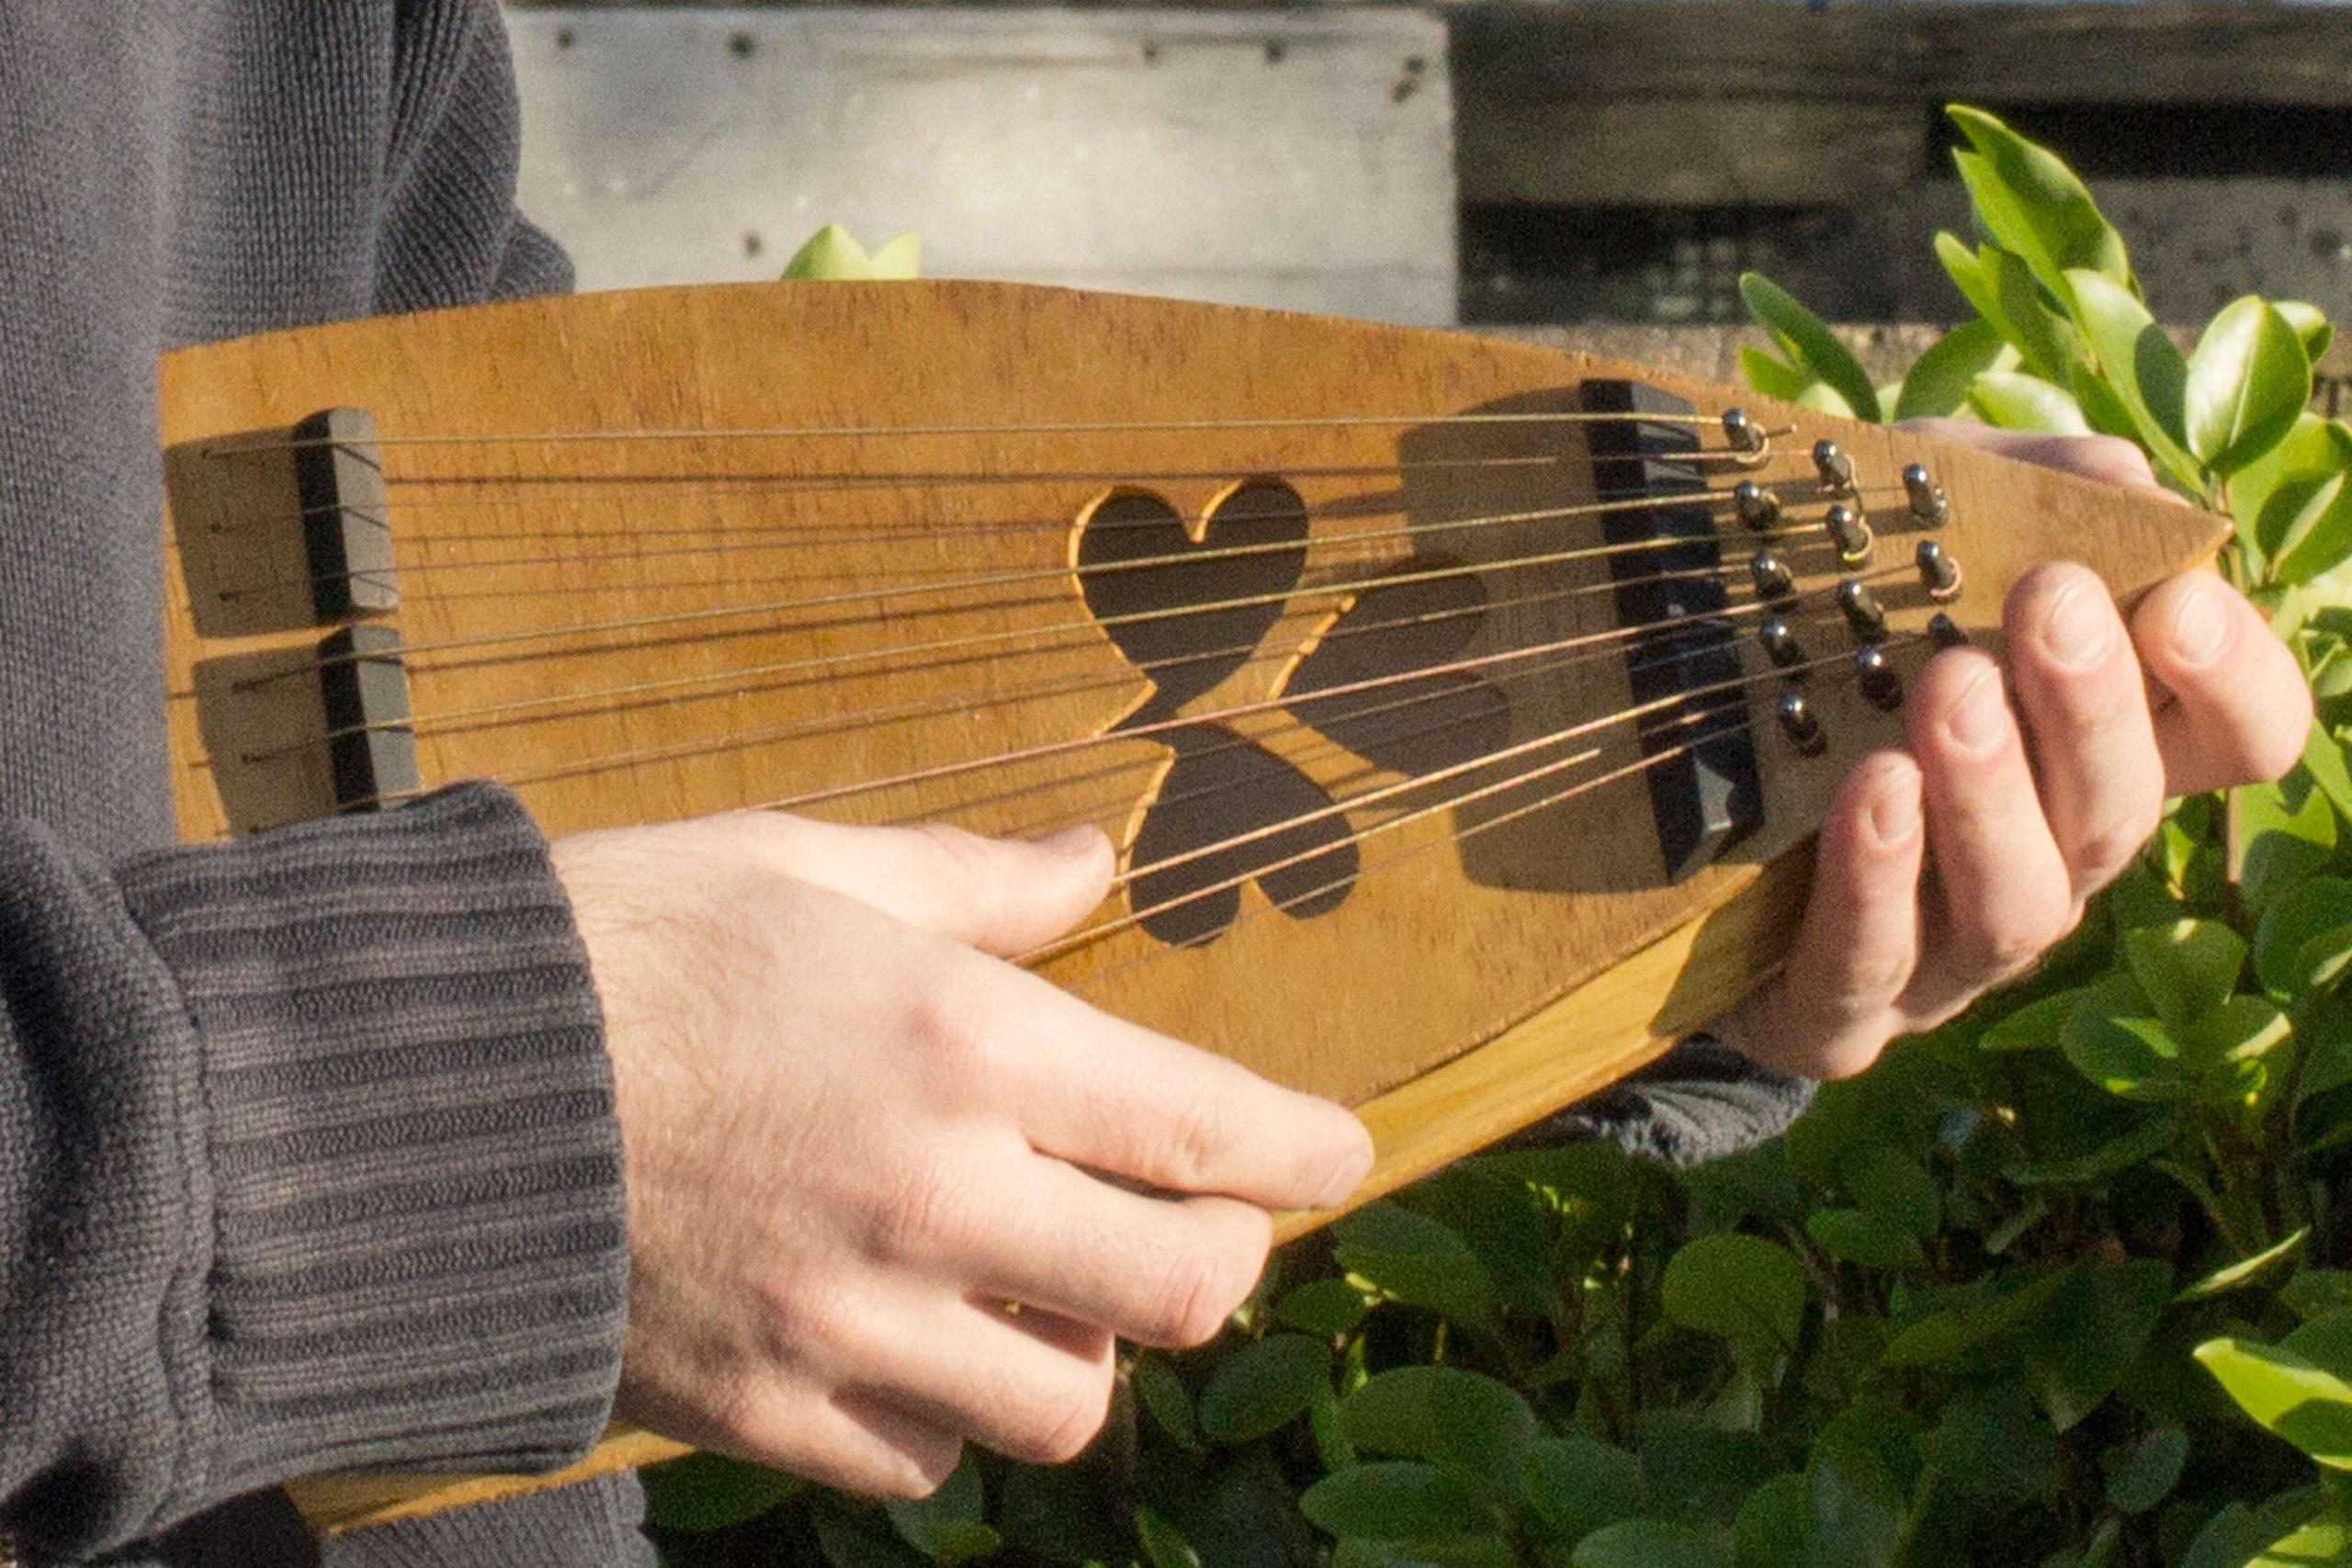 Cork-Guitars - playing handmade instrument